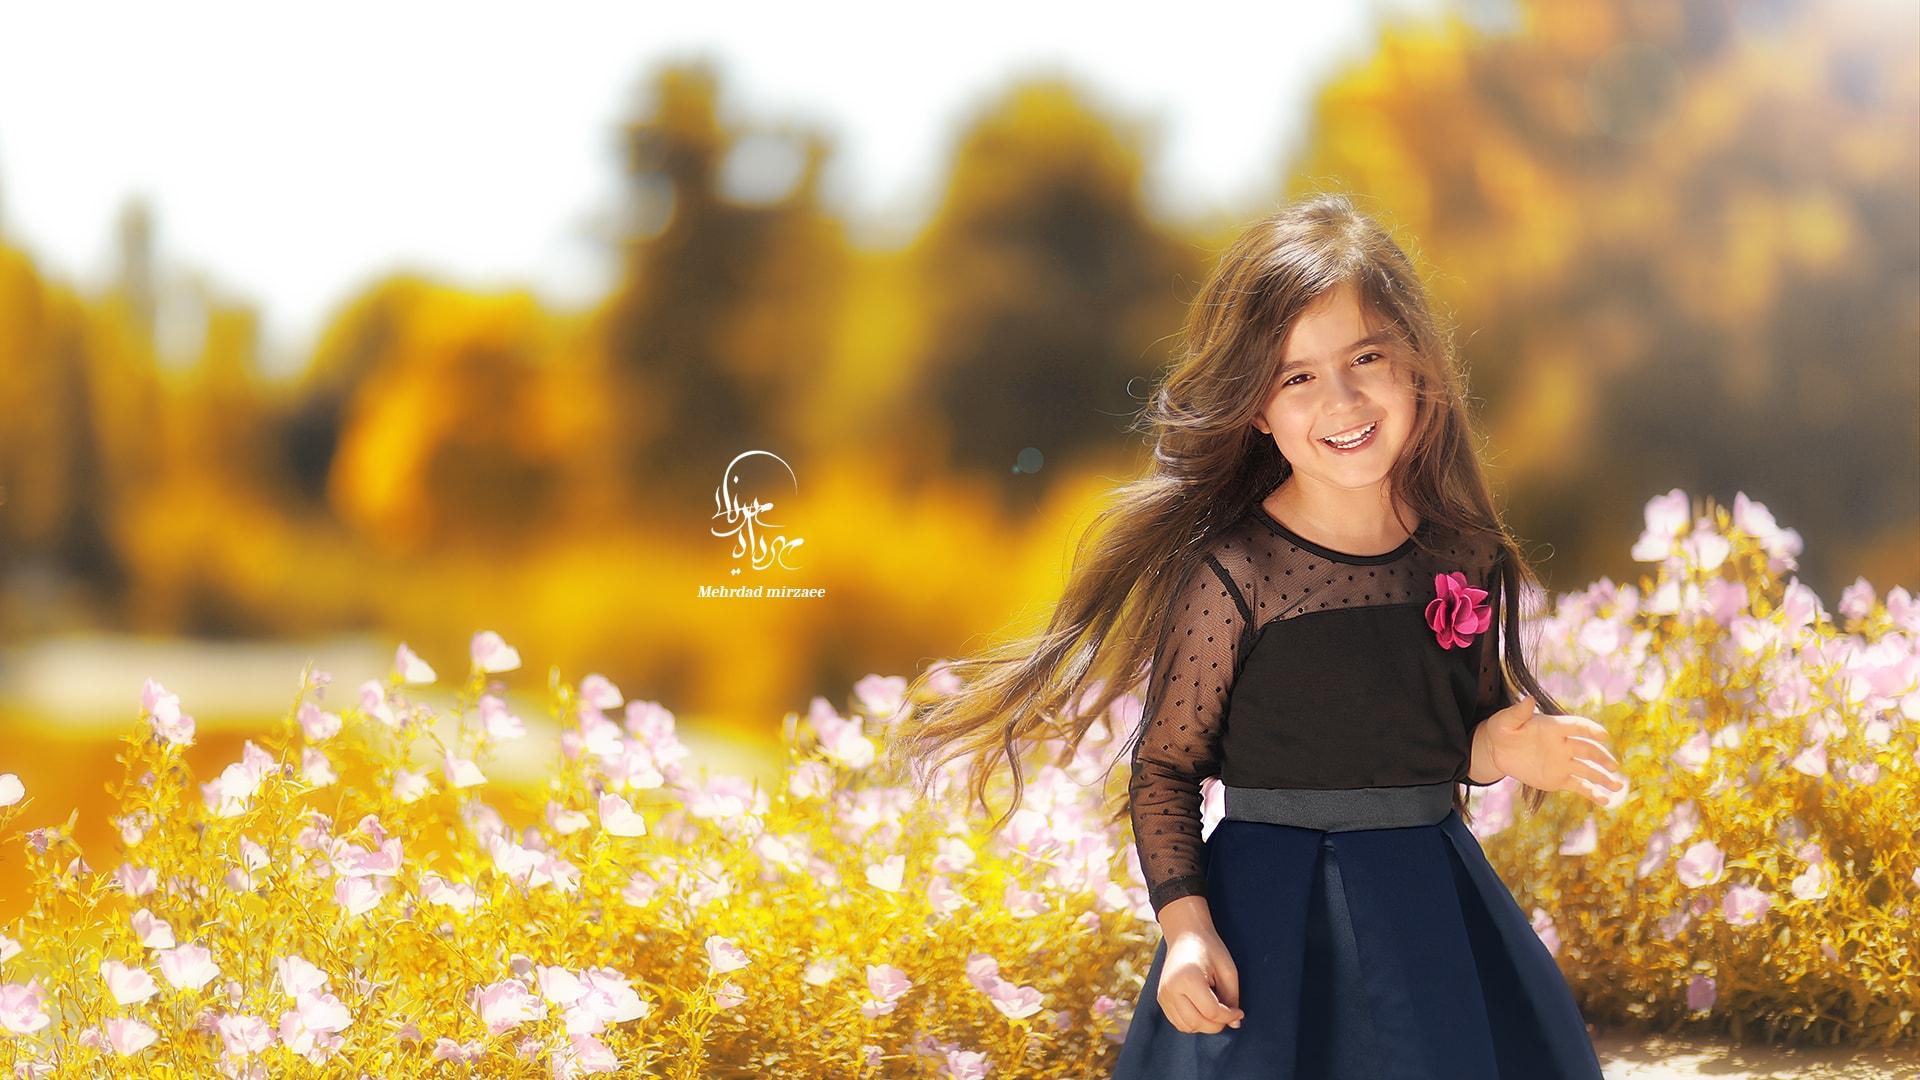 عکس کودک / فضای باز عکس پاییزی کودک /عکاسی فضای باز /